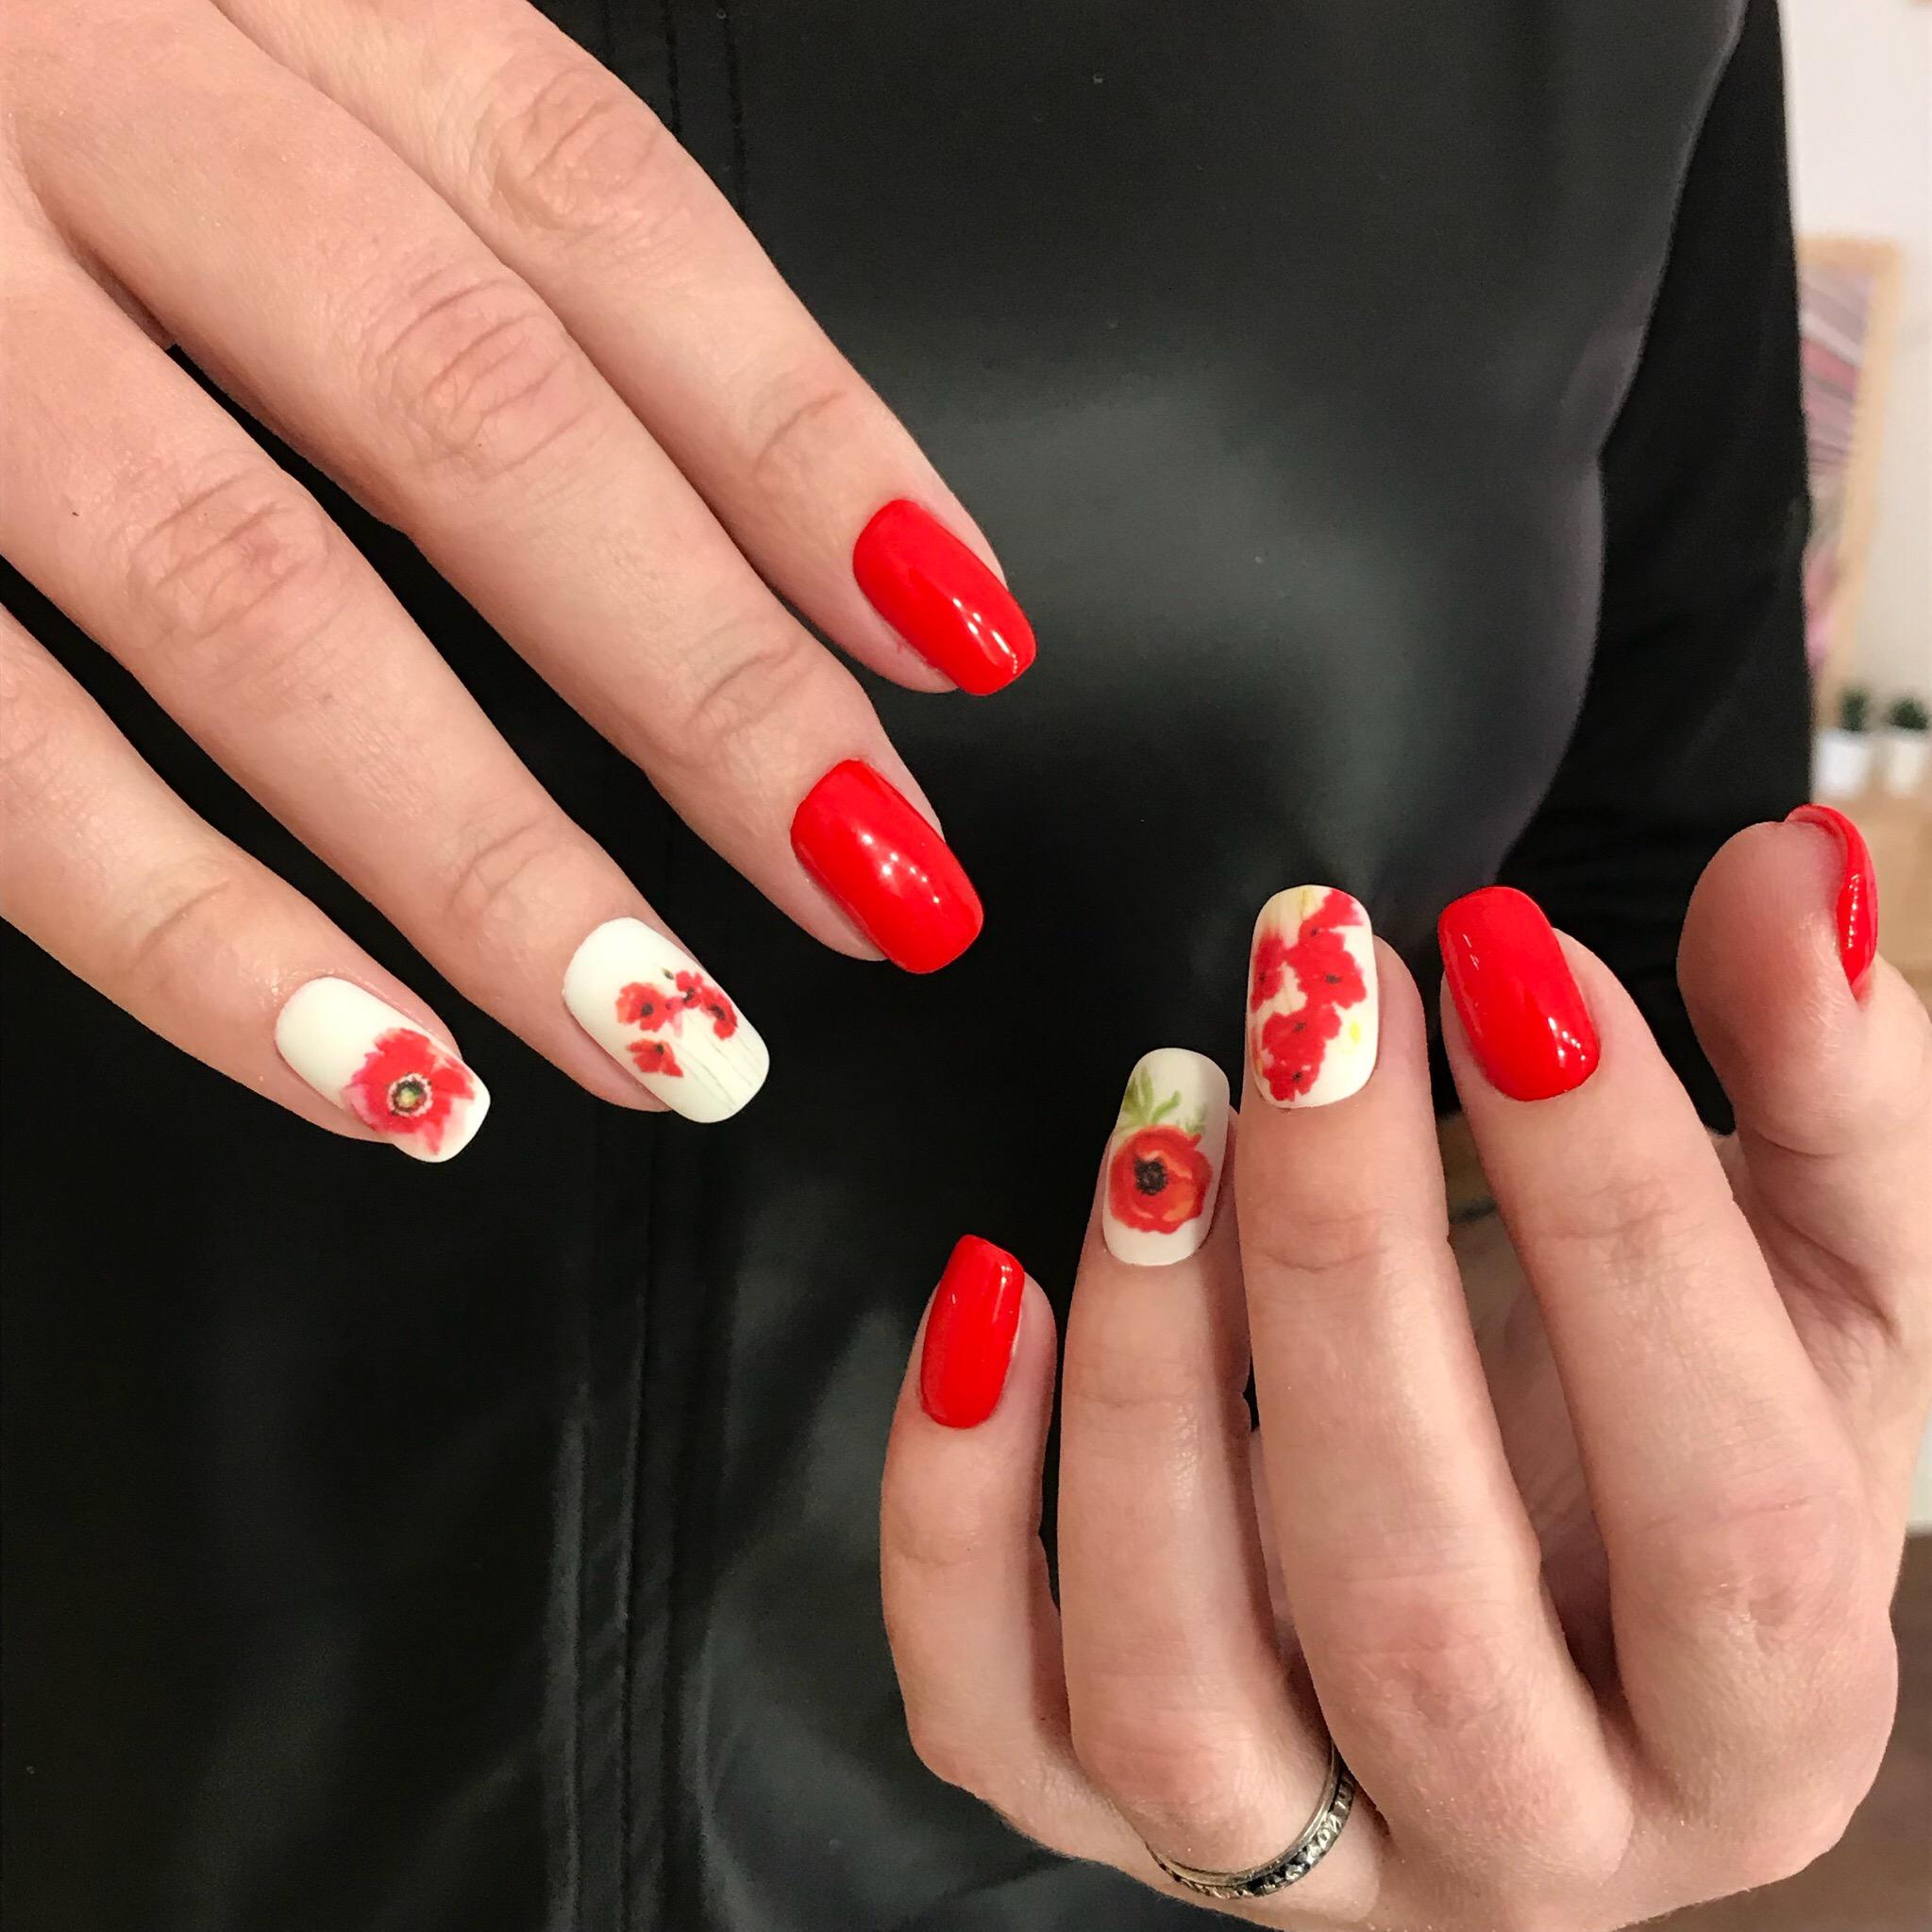 Маникюр в красном цвете с контрастным дизайном и цветочным слайдерами.